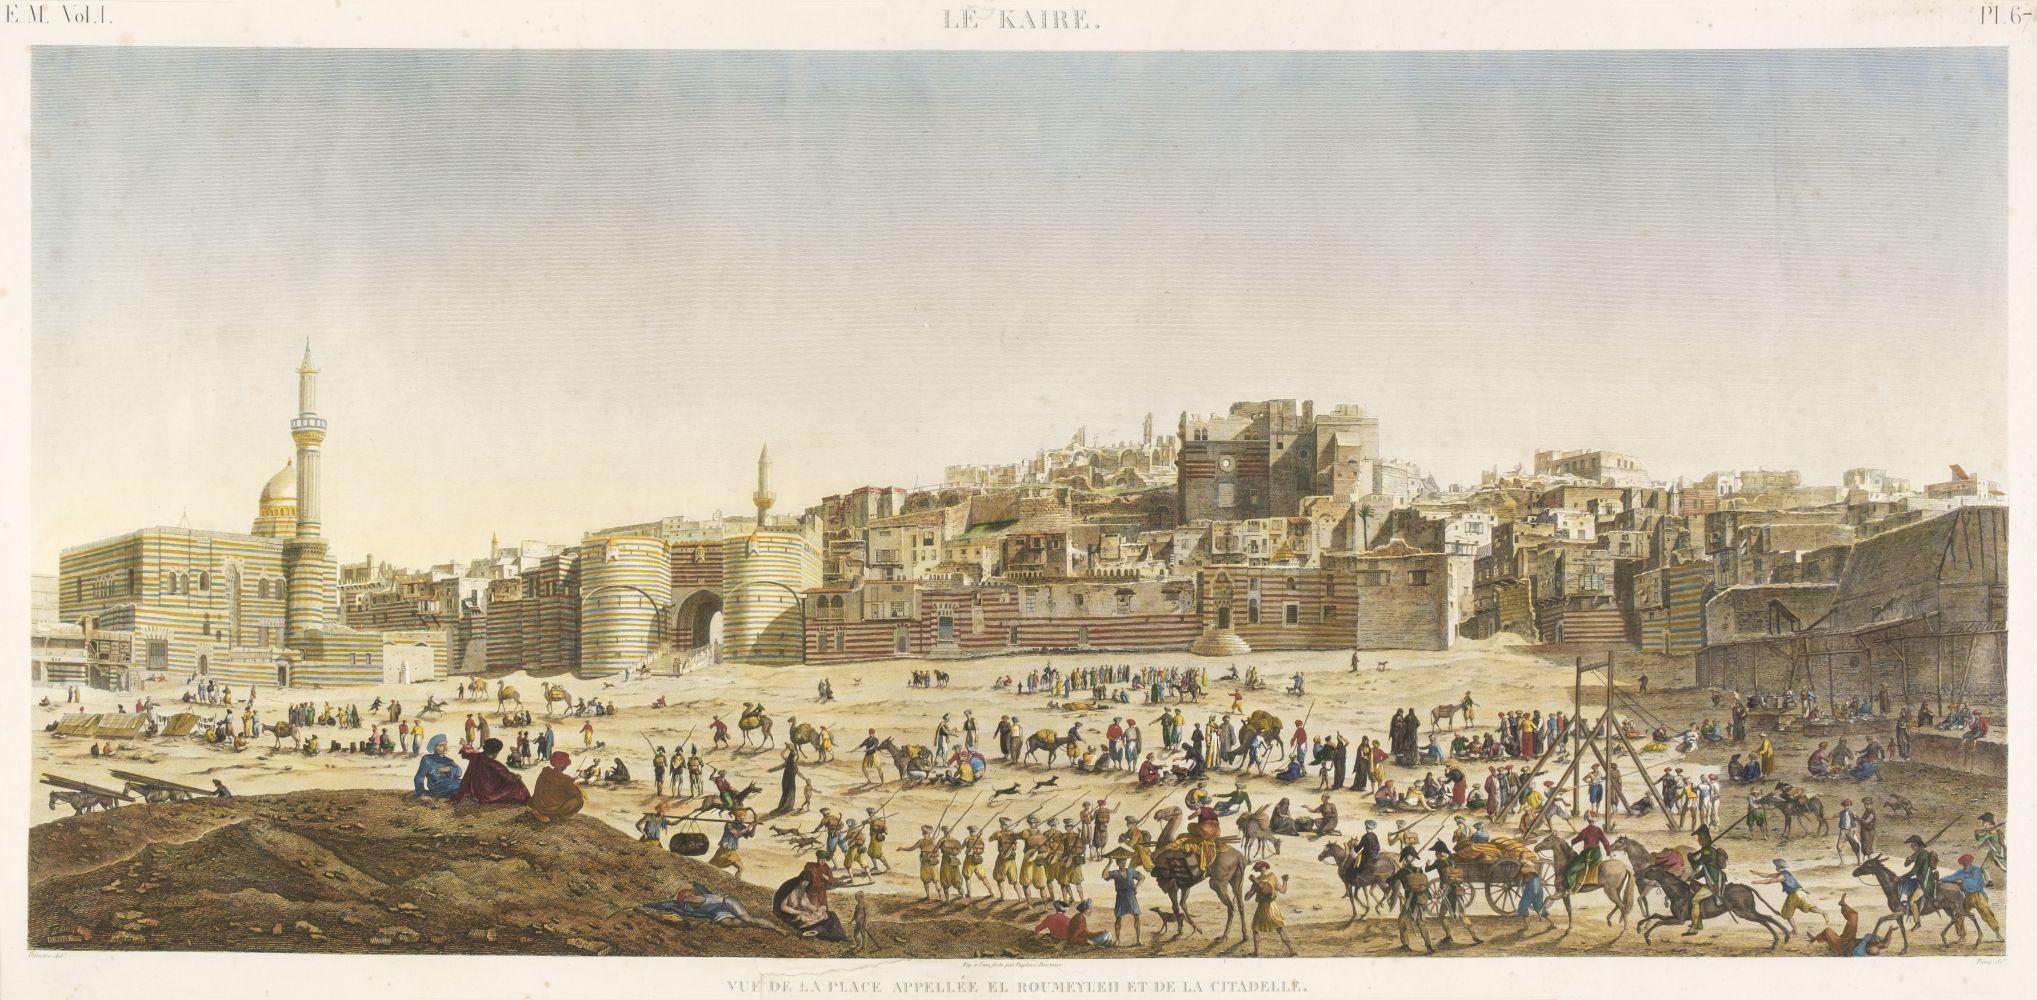 * Egypt. Le Kaire. Vue de la Place Appellee el Roumeyleii et de la Citadelle, 1809 - 29